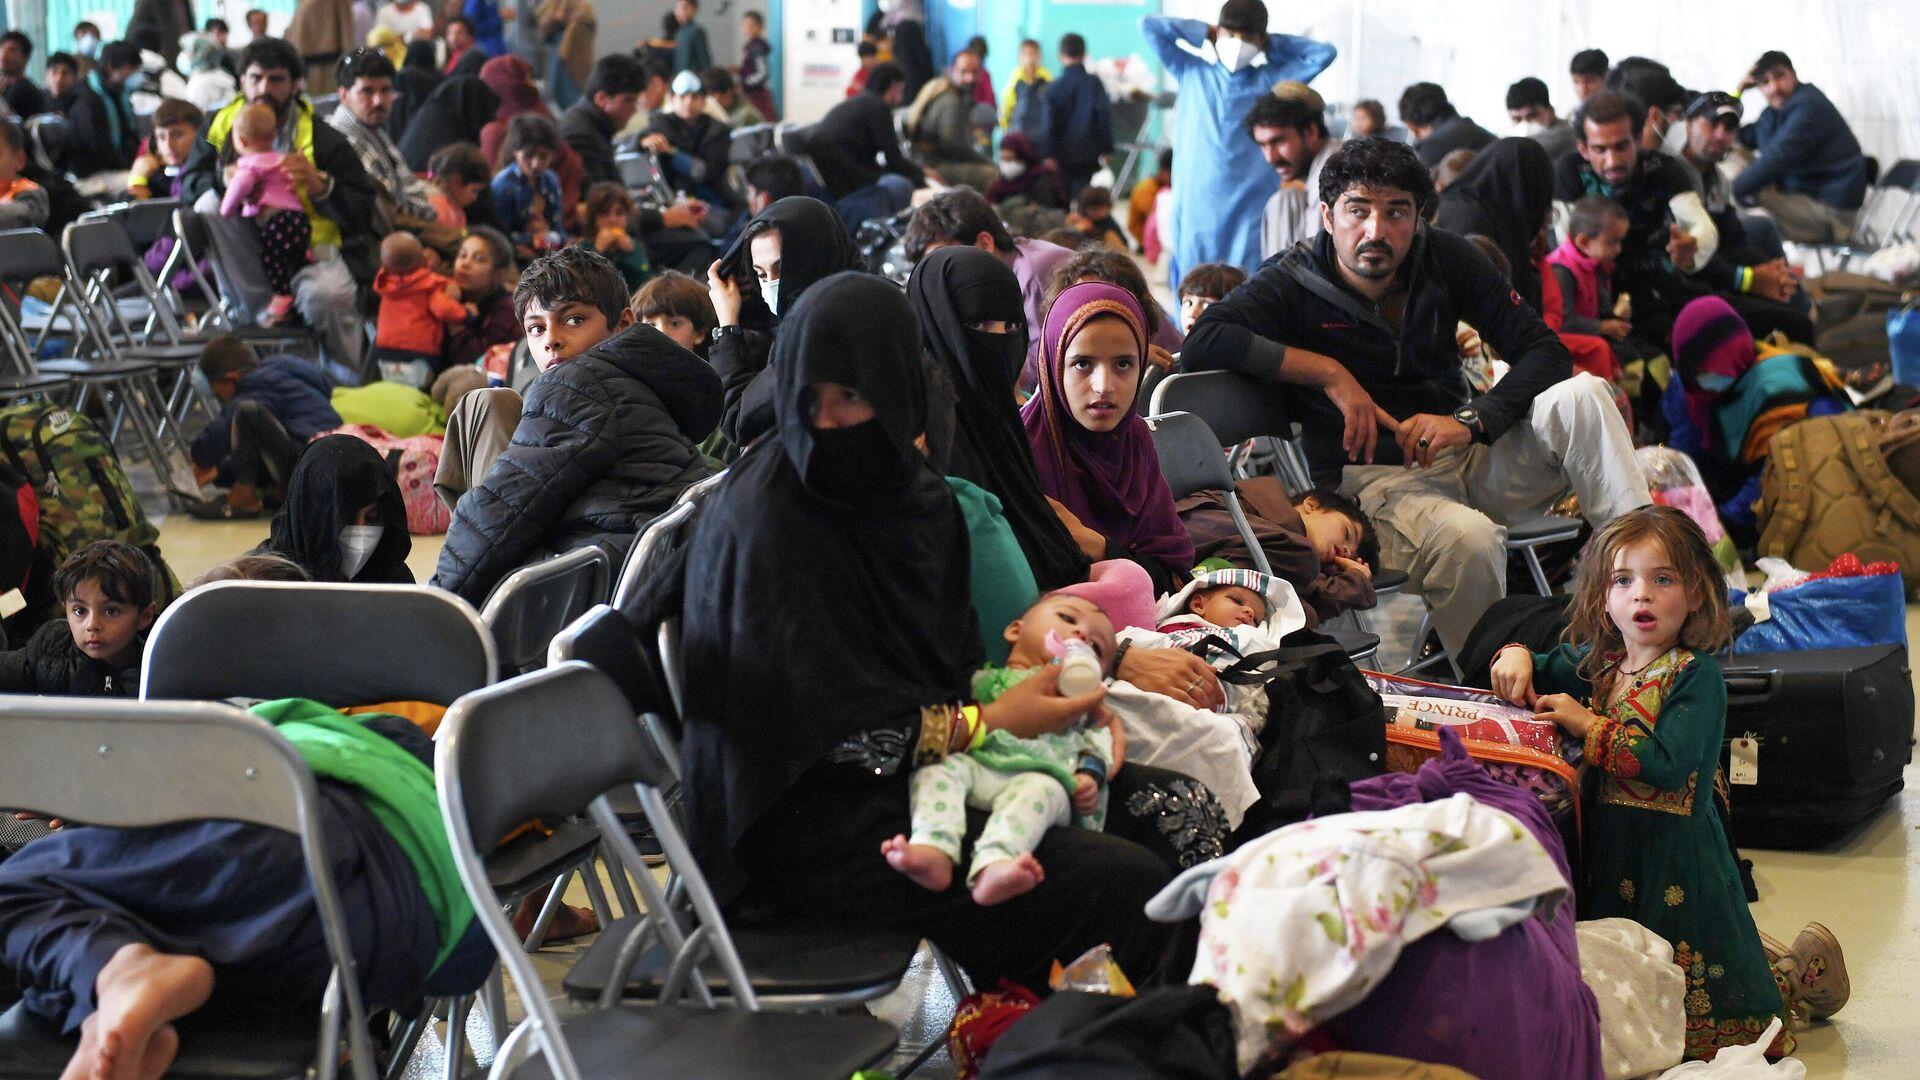 Afghanische Flüchtlinge - SNA, 1920, 17.09.2021